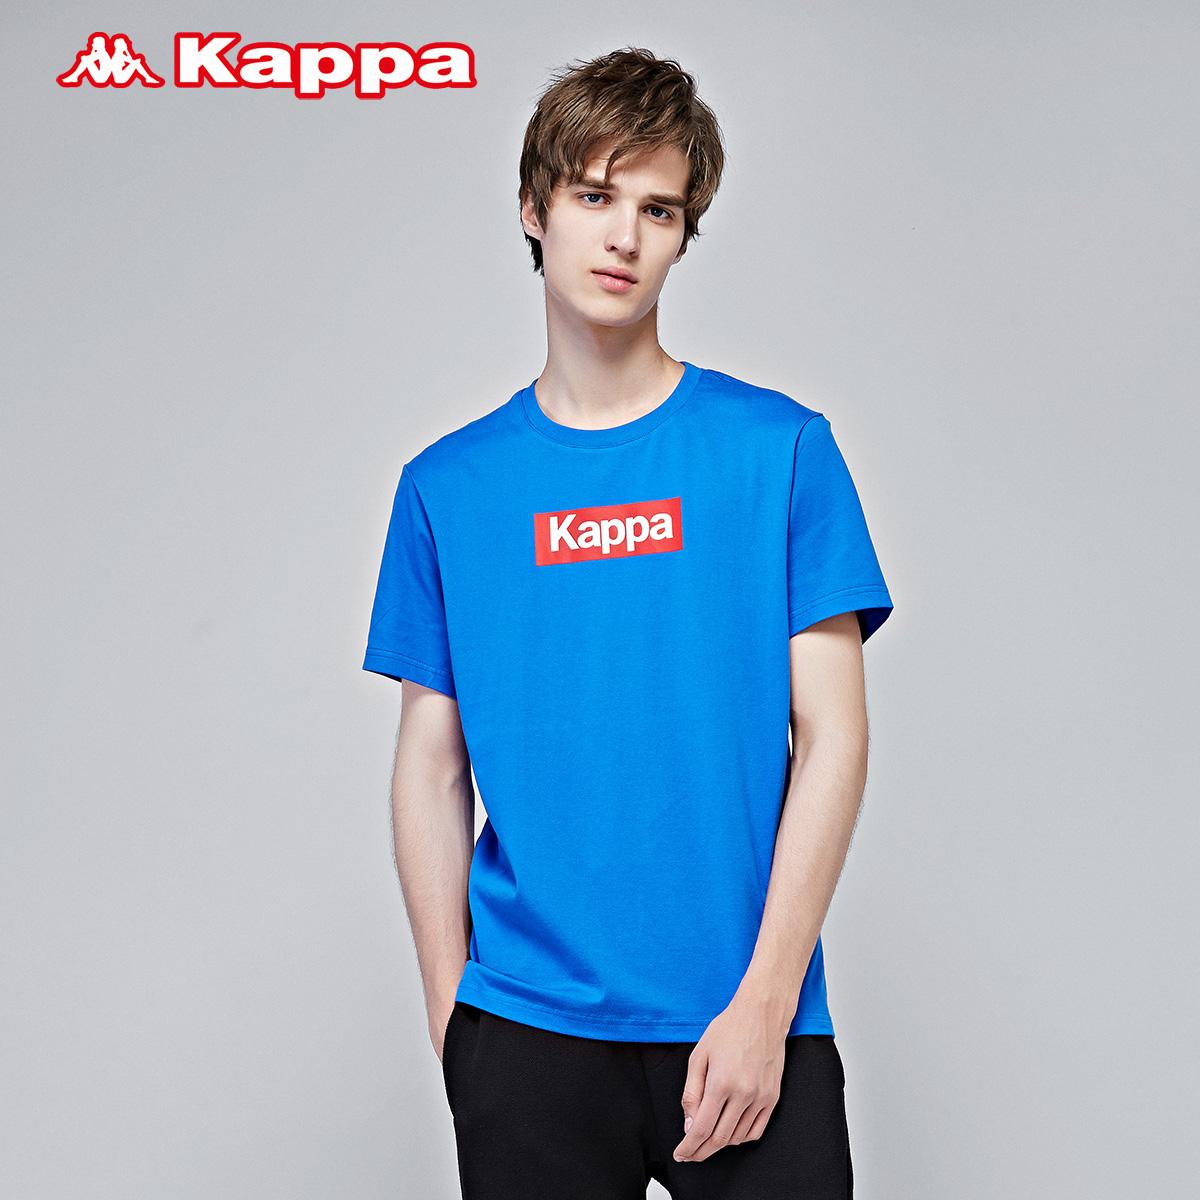 Kappa 卡帕男款运动短袖 透气休闲T恤健身衣|K0712TD12D